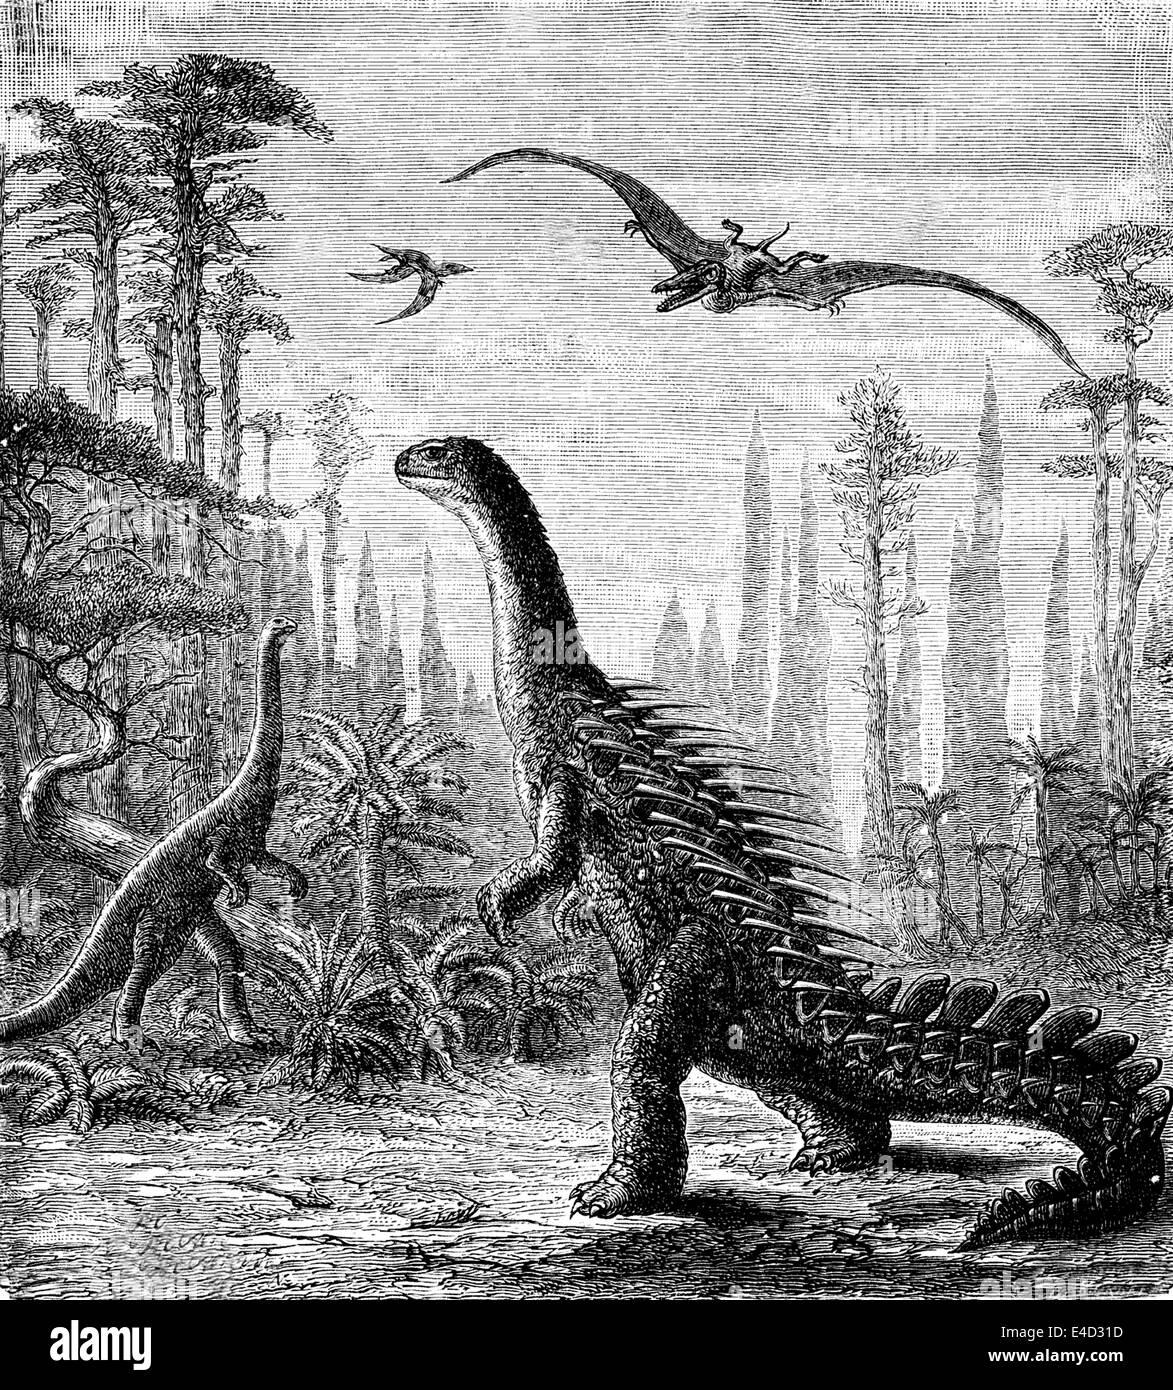 La préhistoire, les dinosaures, illustration historique,1859 Banque D'Images